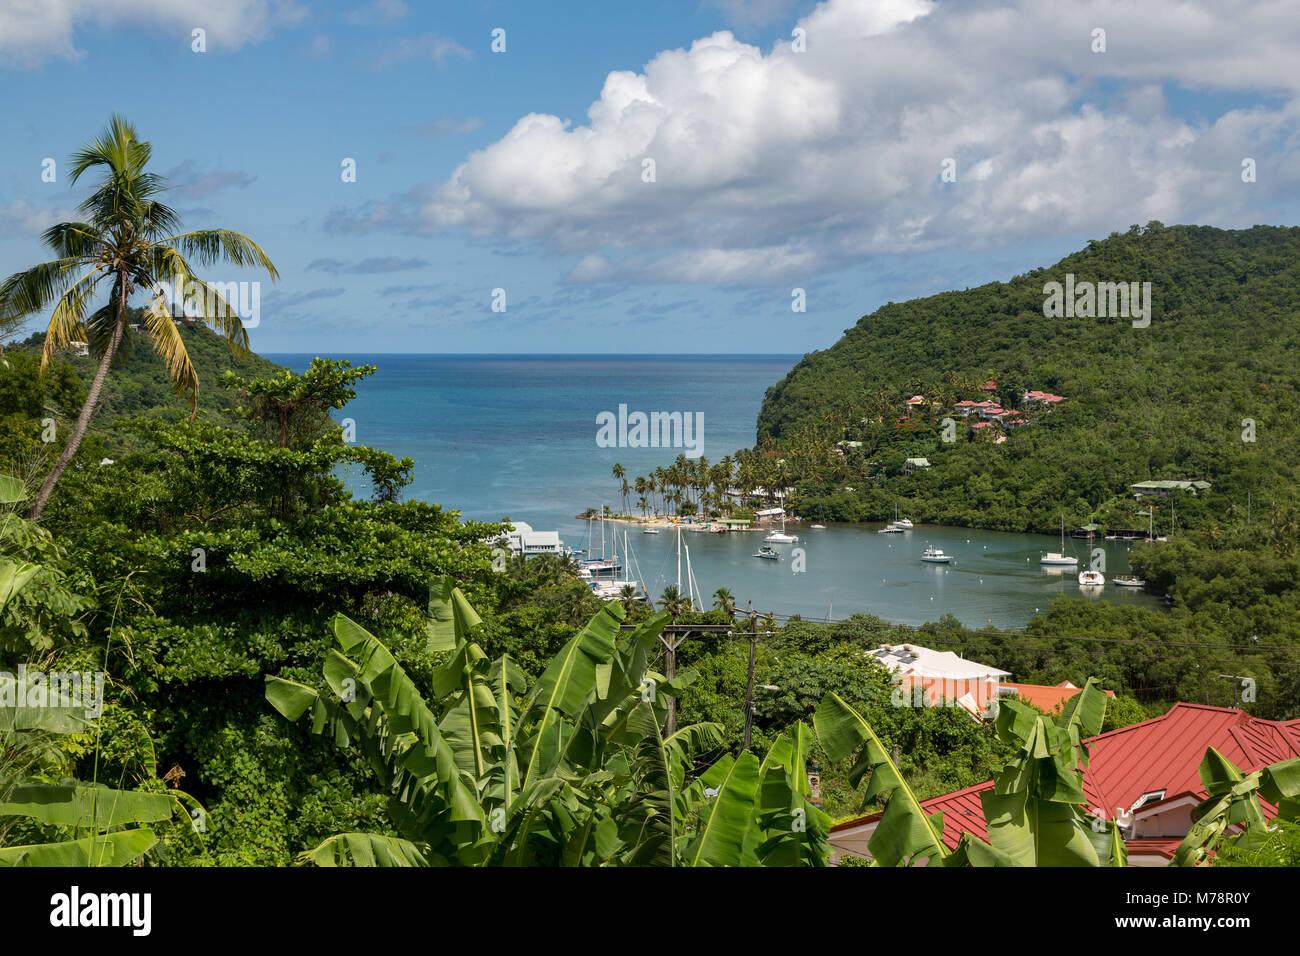 Das tropisch und sehr geschützten Marigot Bay, St. Lucia, Windward Islands, West Indies Karibik, Mittelamerika Stockbild